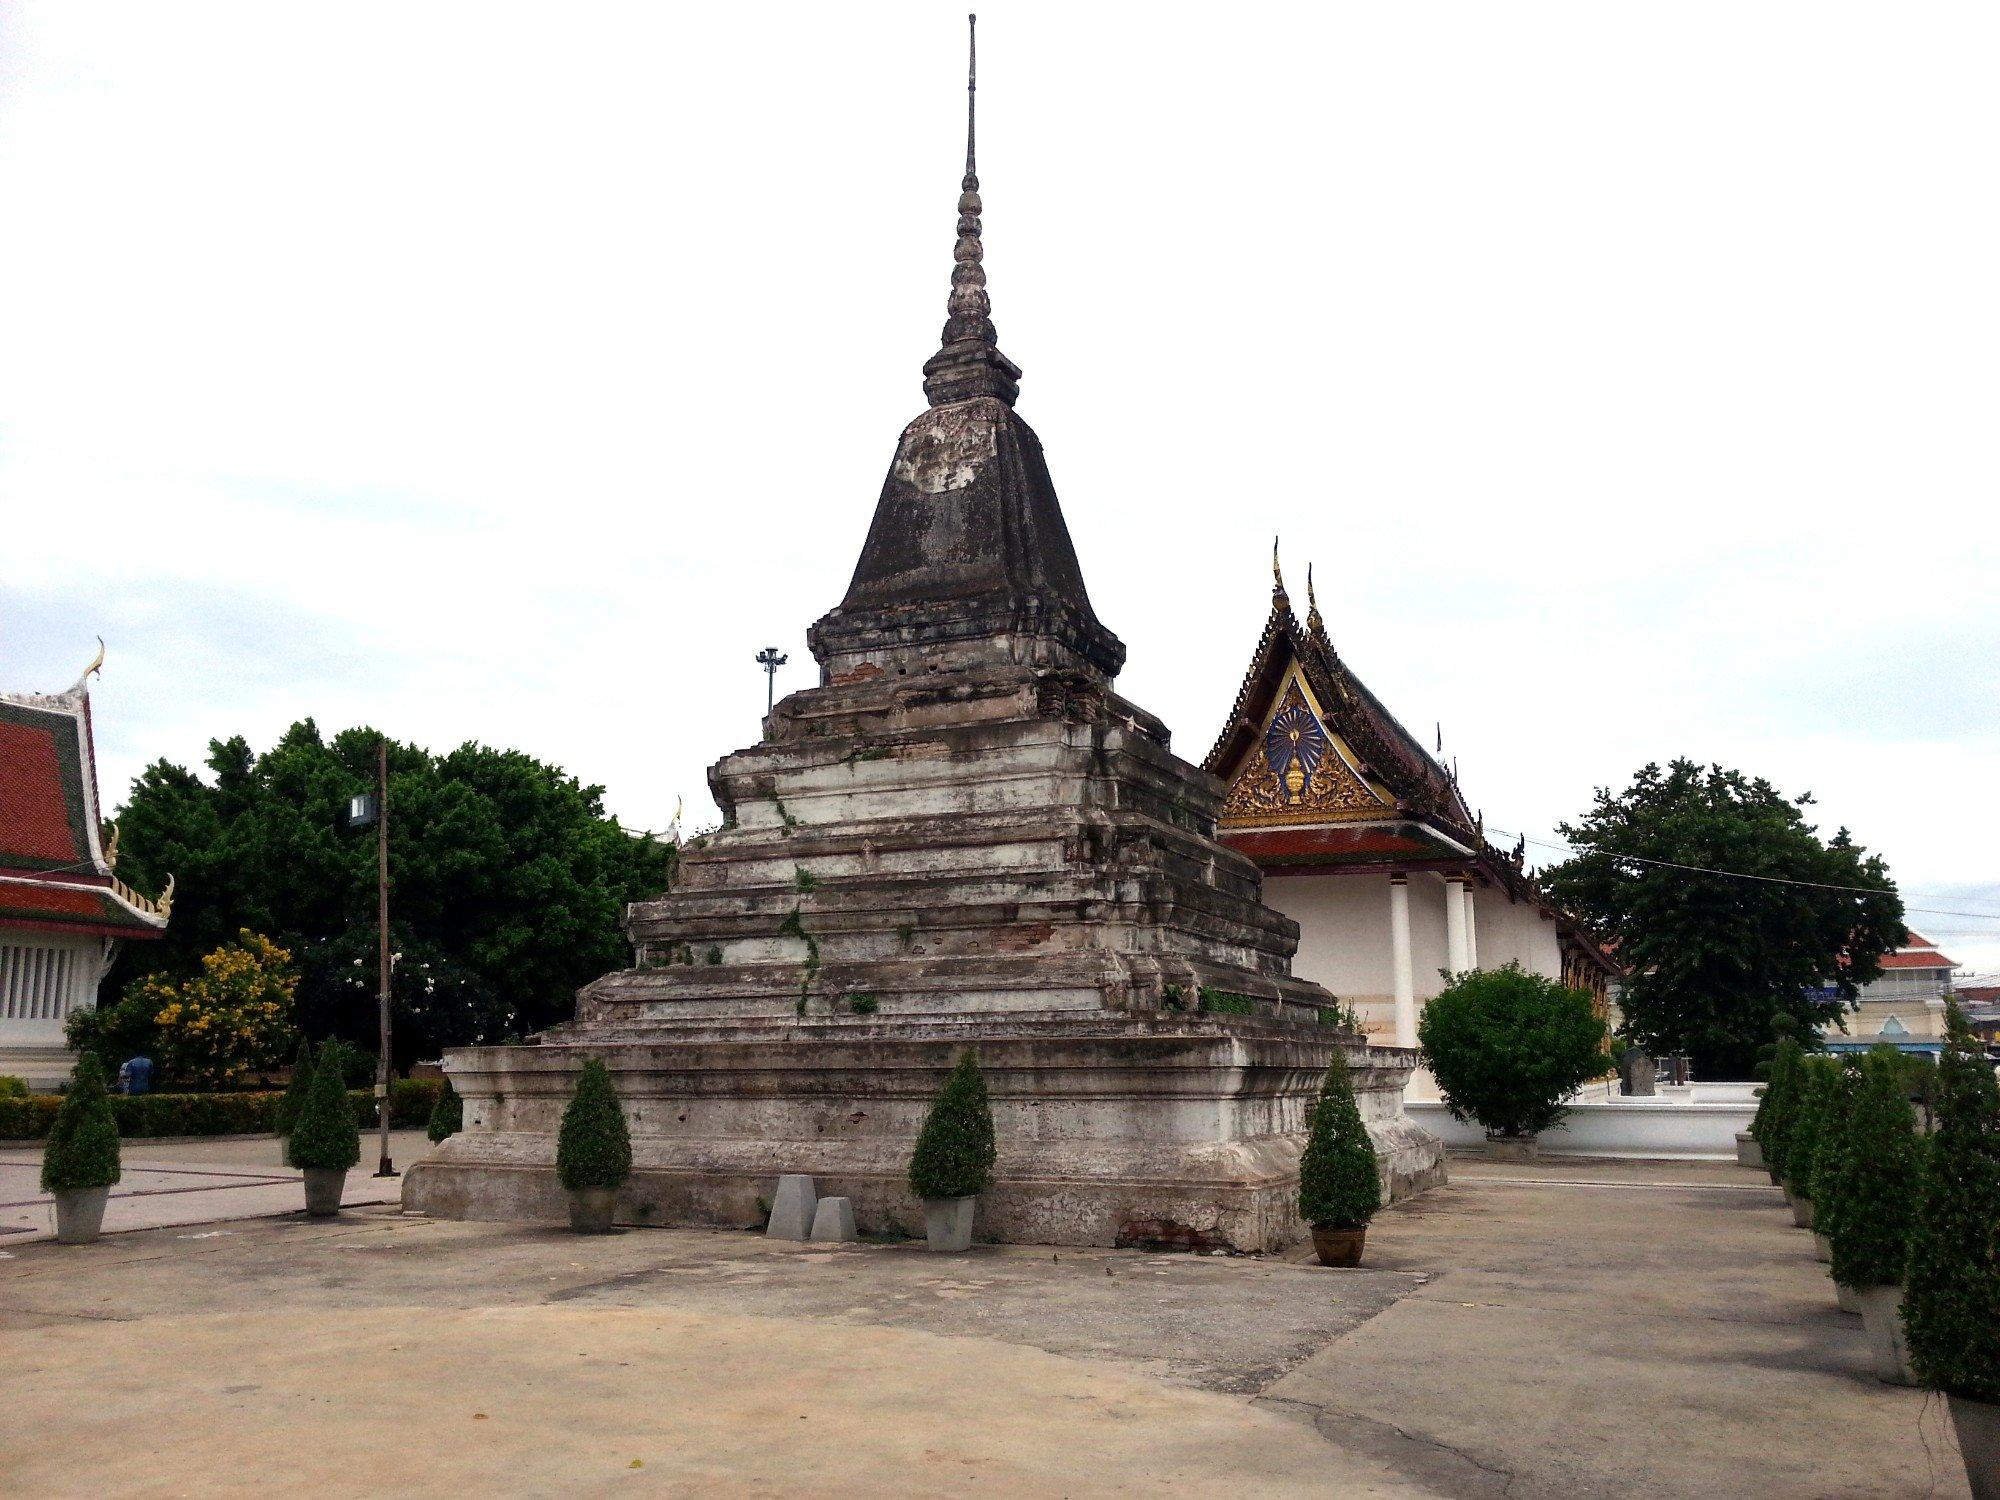 Chedi at Wat Phra Si Rattana Mahathat